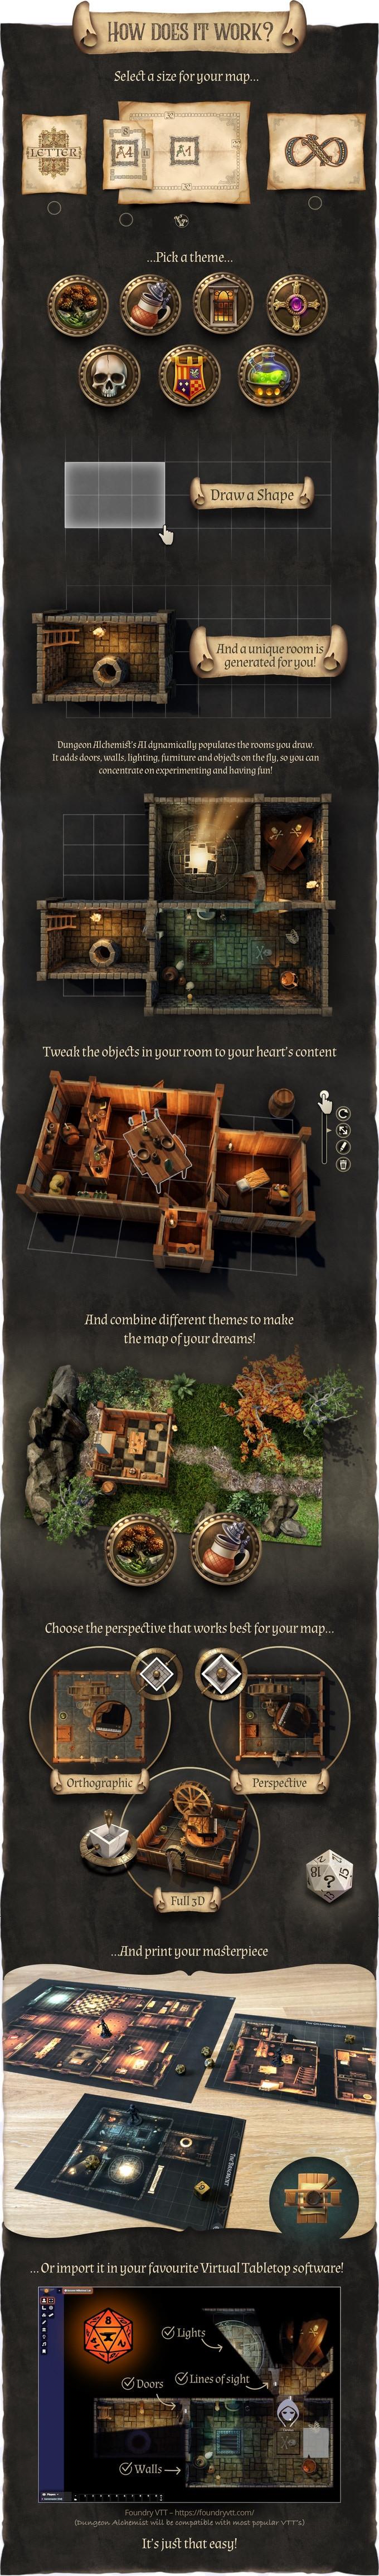 Dit is Belgisch: Dungeon Alchimest haalde al €100.000 op via Kickstarter